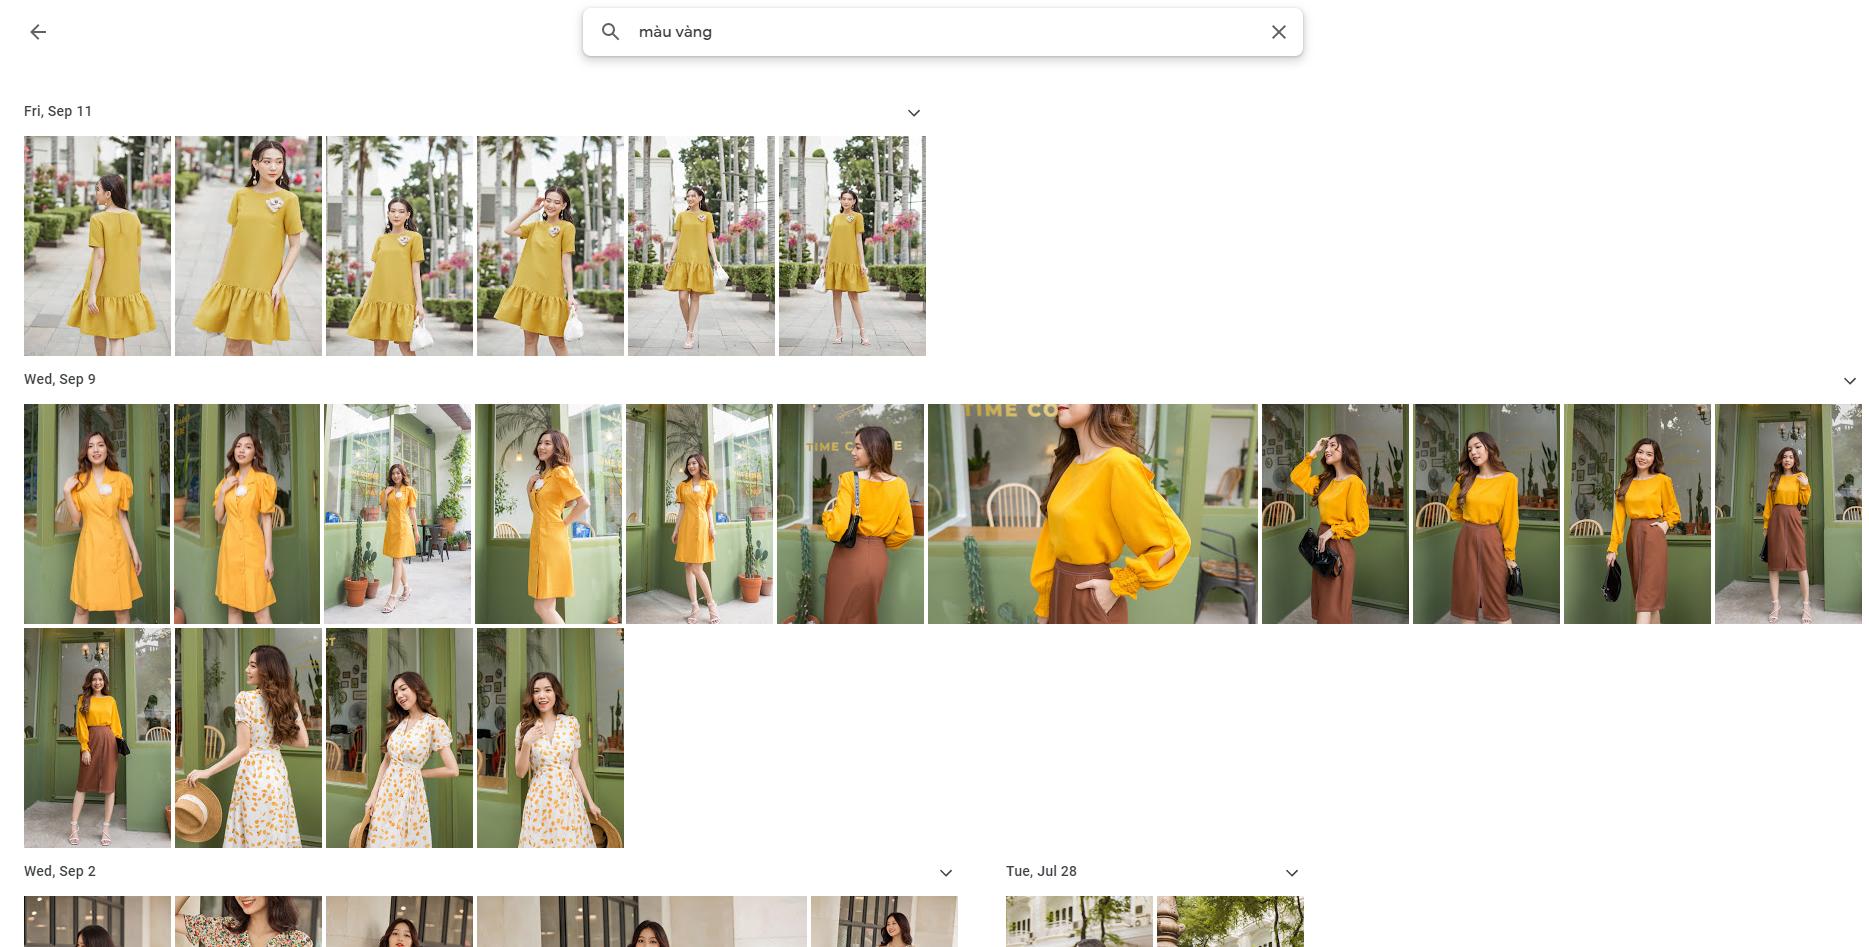 box-visual_dich-vu-luu-tru-dam-may-google-photo_search-by-color